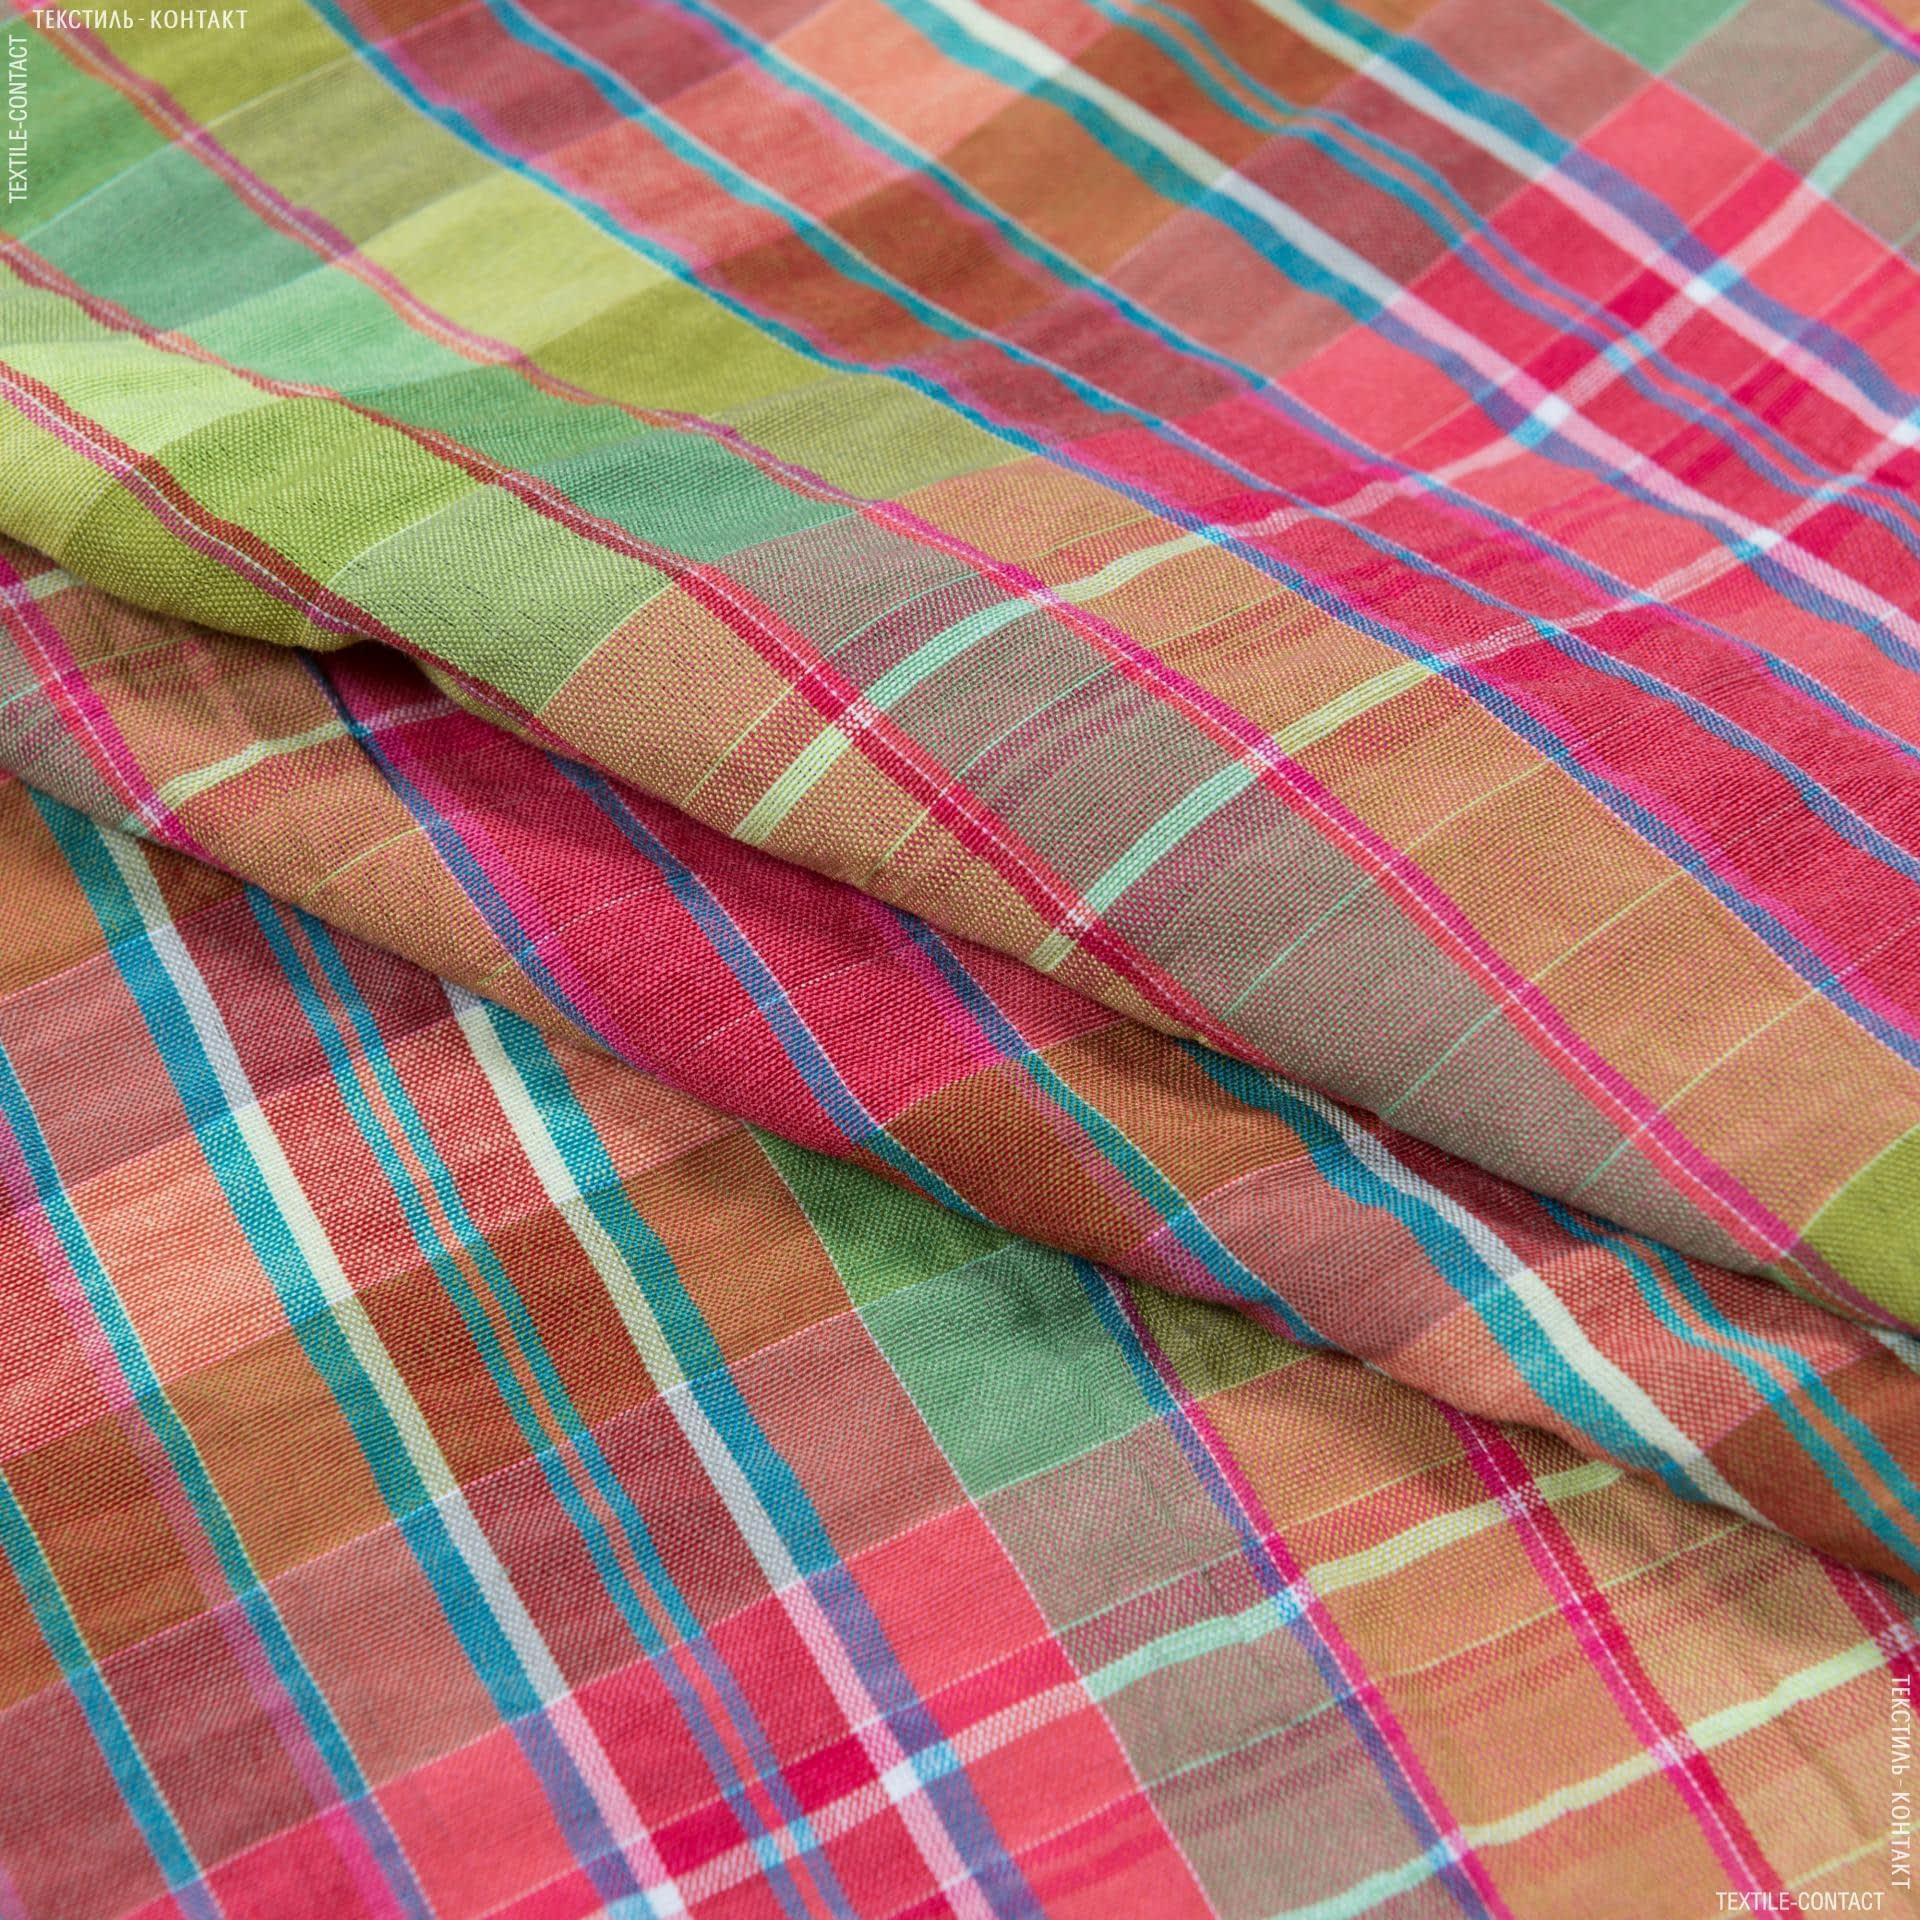 Ткани для костюмов - Плательная принт